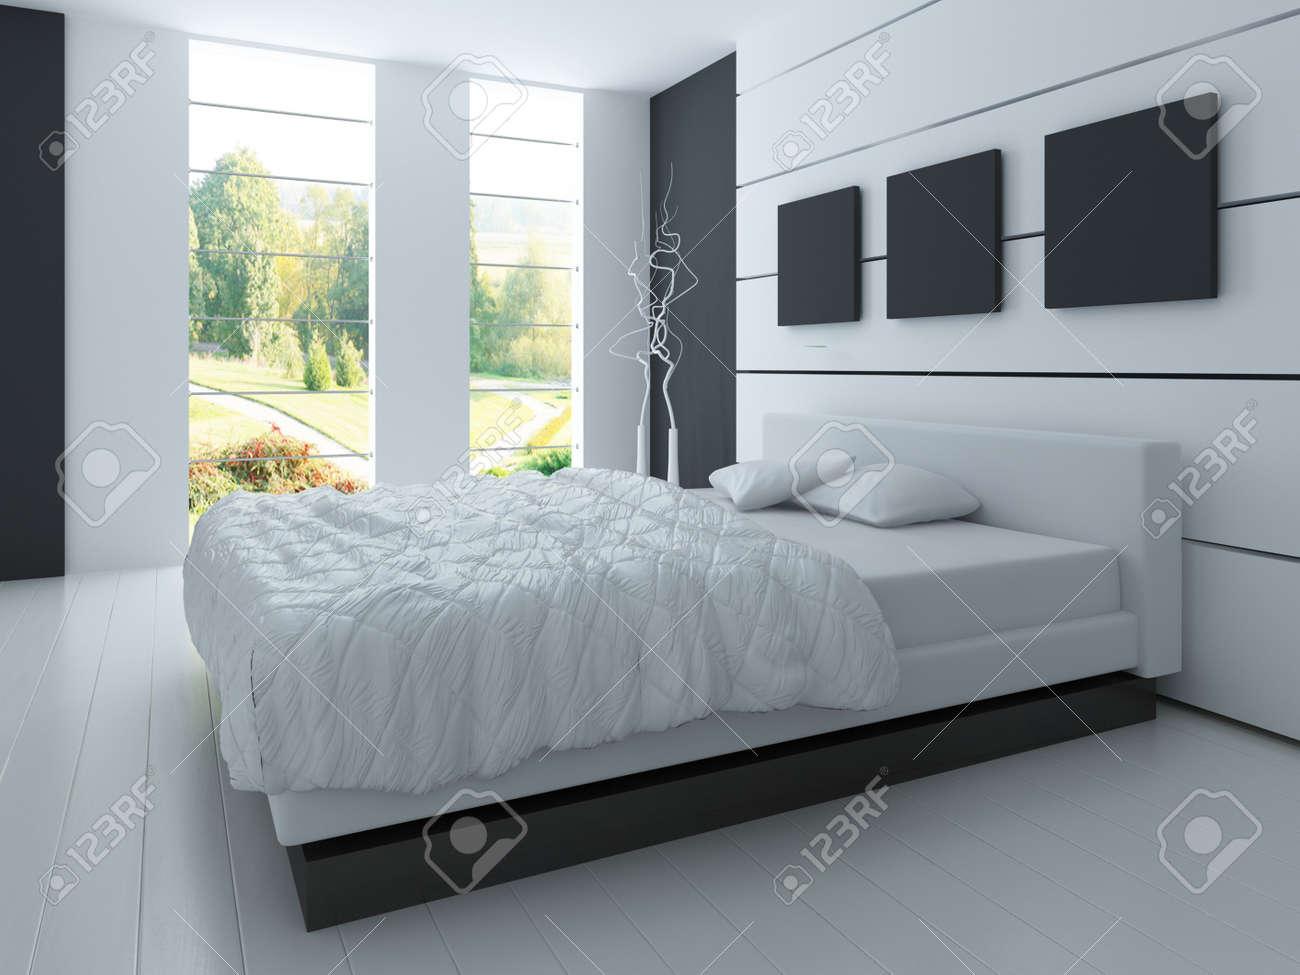 Modernes Design Schwarz Und Weiss Schlafzimmer Interieur Lizenzfreie